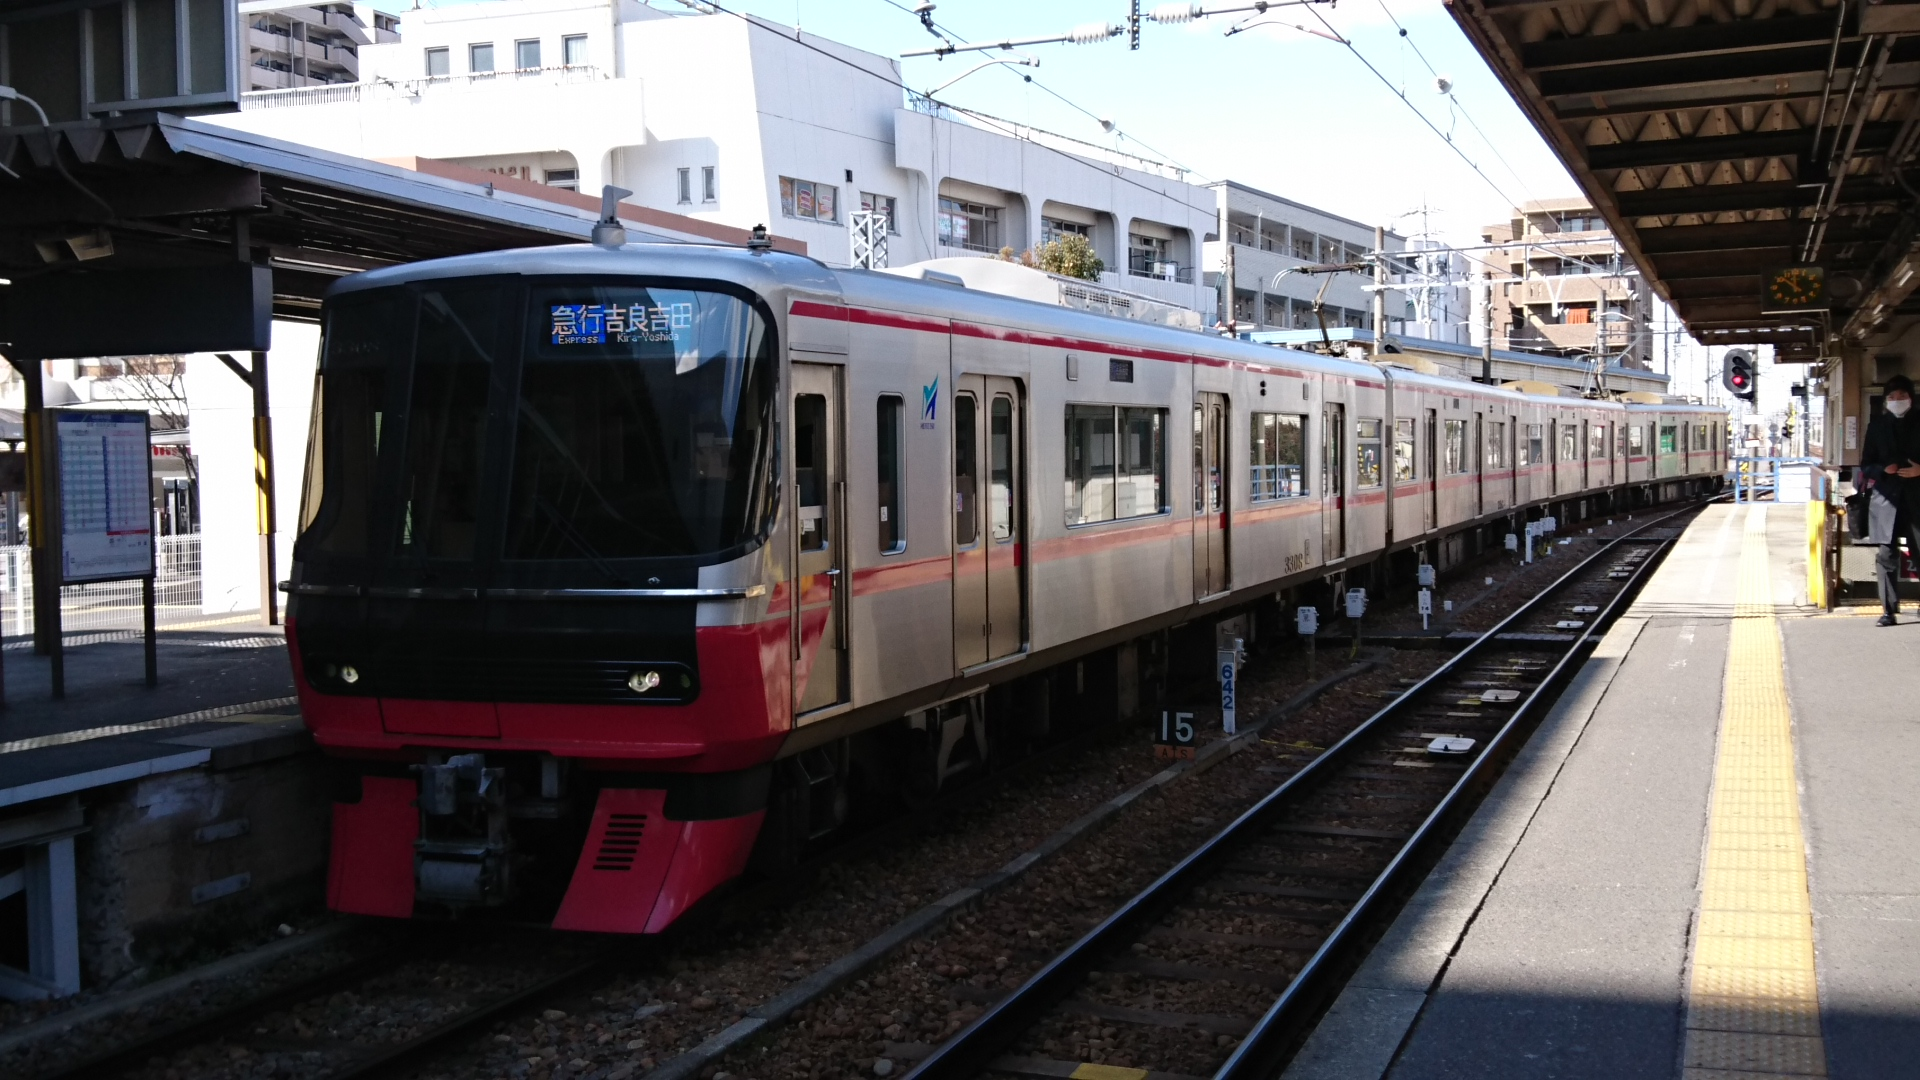 2017.2.10 名古屋本線 (5) しんあんじょう - 吉良吉田いき急行 1920-1080